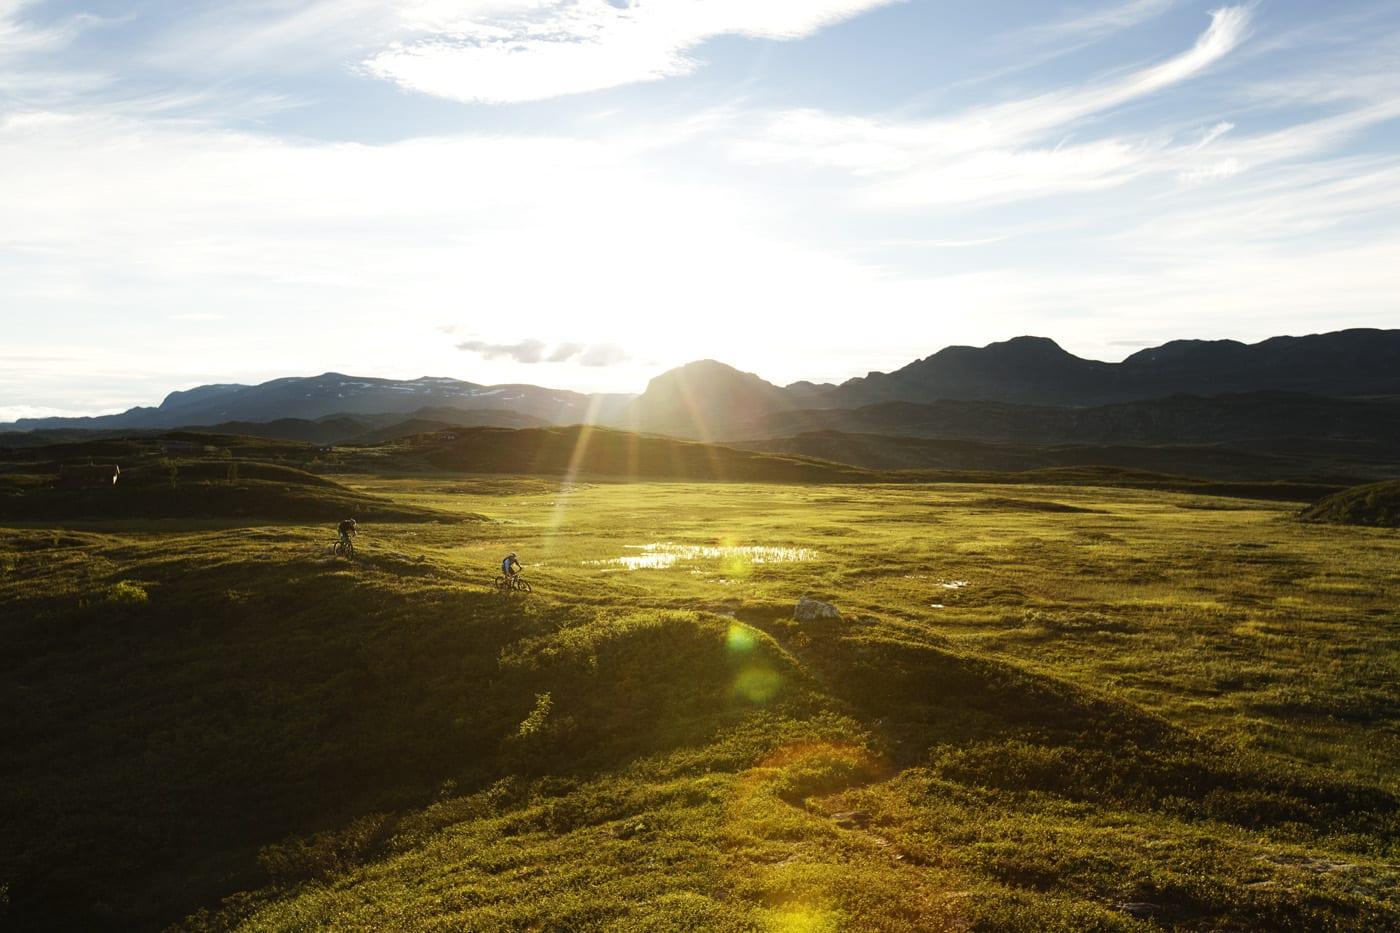 SYKLISTER I SOLNEDGANG: Bård Sturla Stokke og Ådne Kvammen får med seg de siste solstrålene over Veali, Ål.